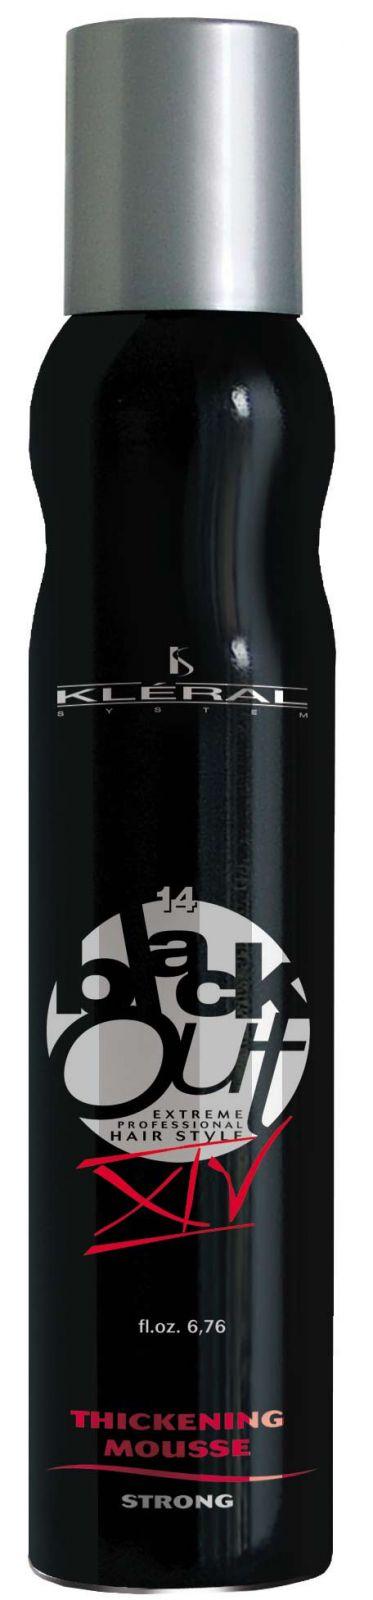 Kléral System Black Out Thickening Mousse Strong XIV 200 ml - pěnové tužidlo na vlasy